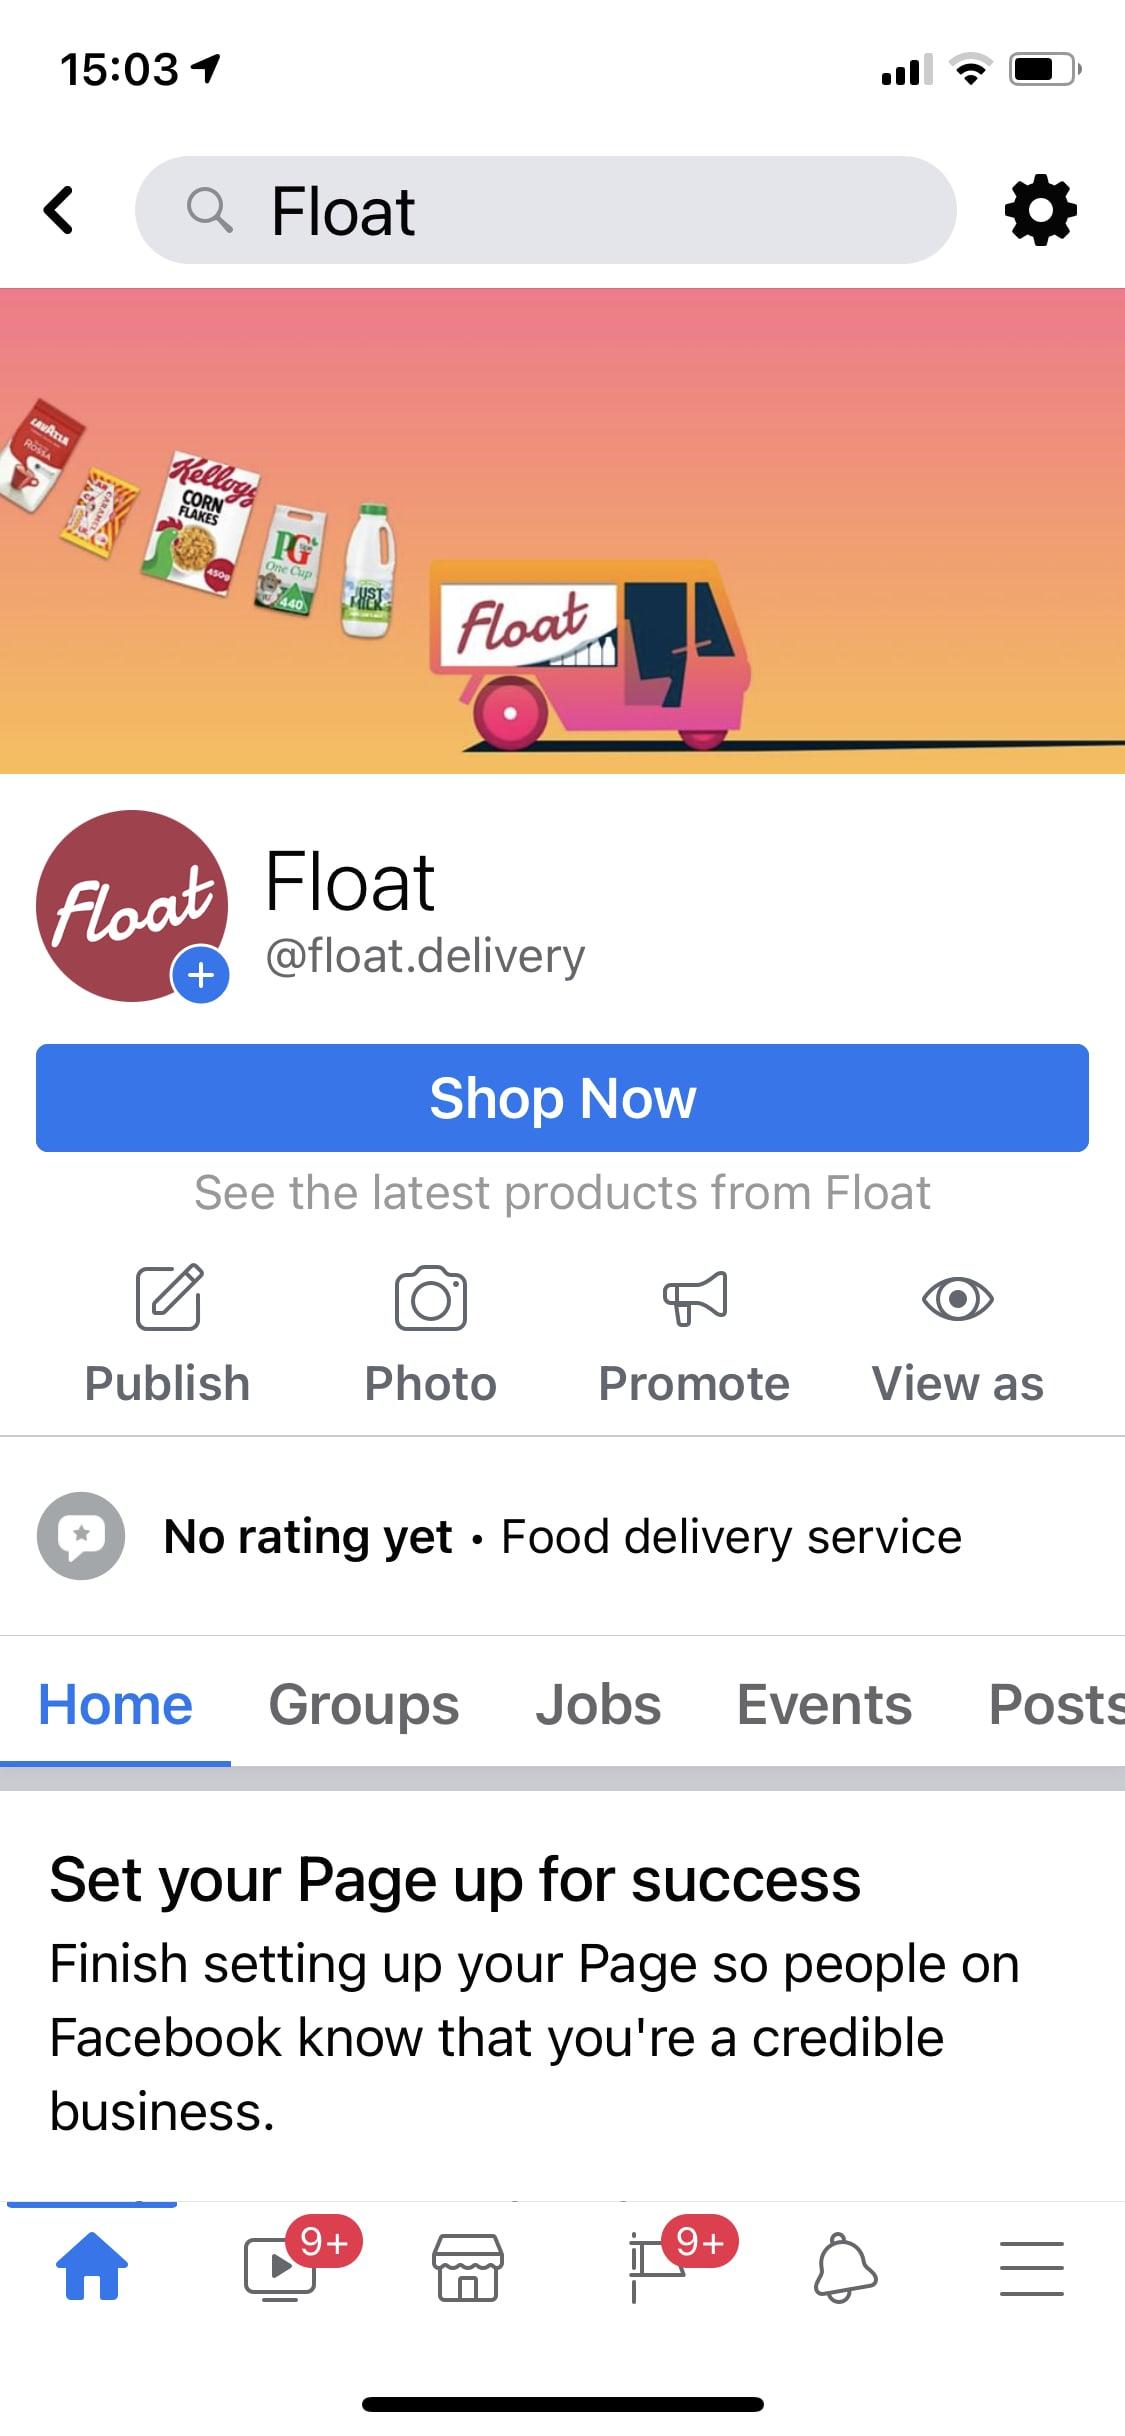 Float on Facebook